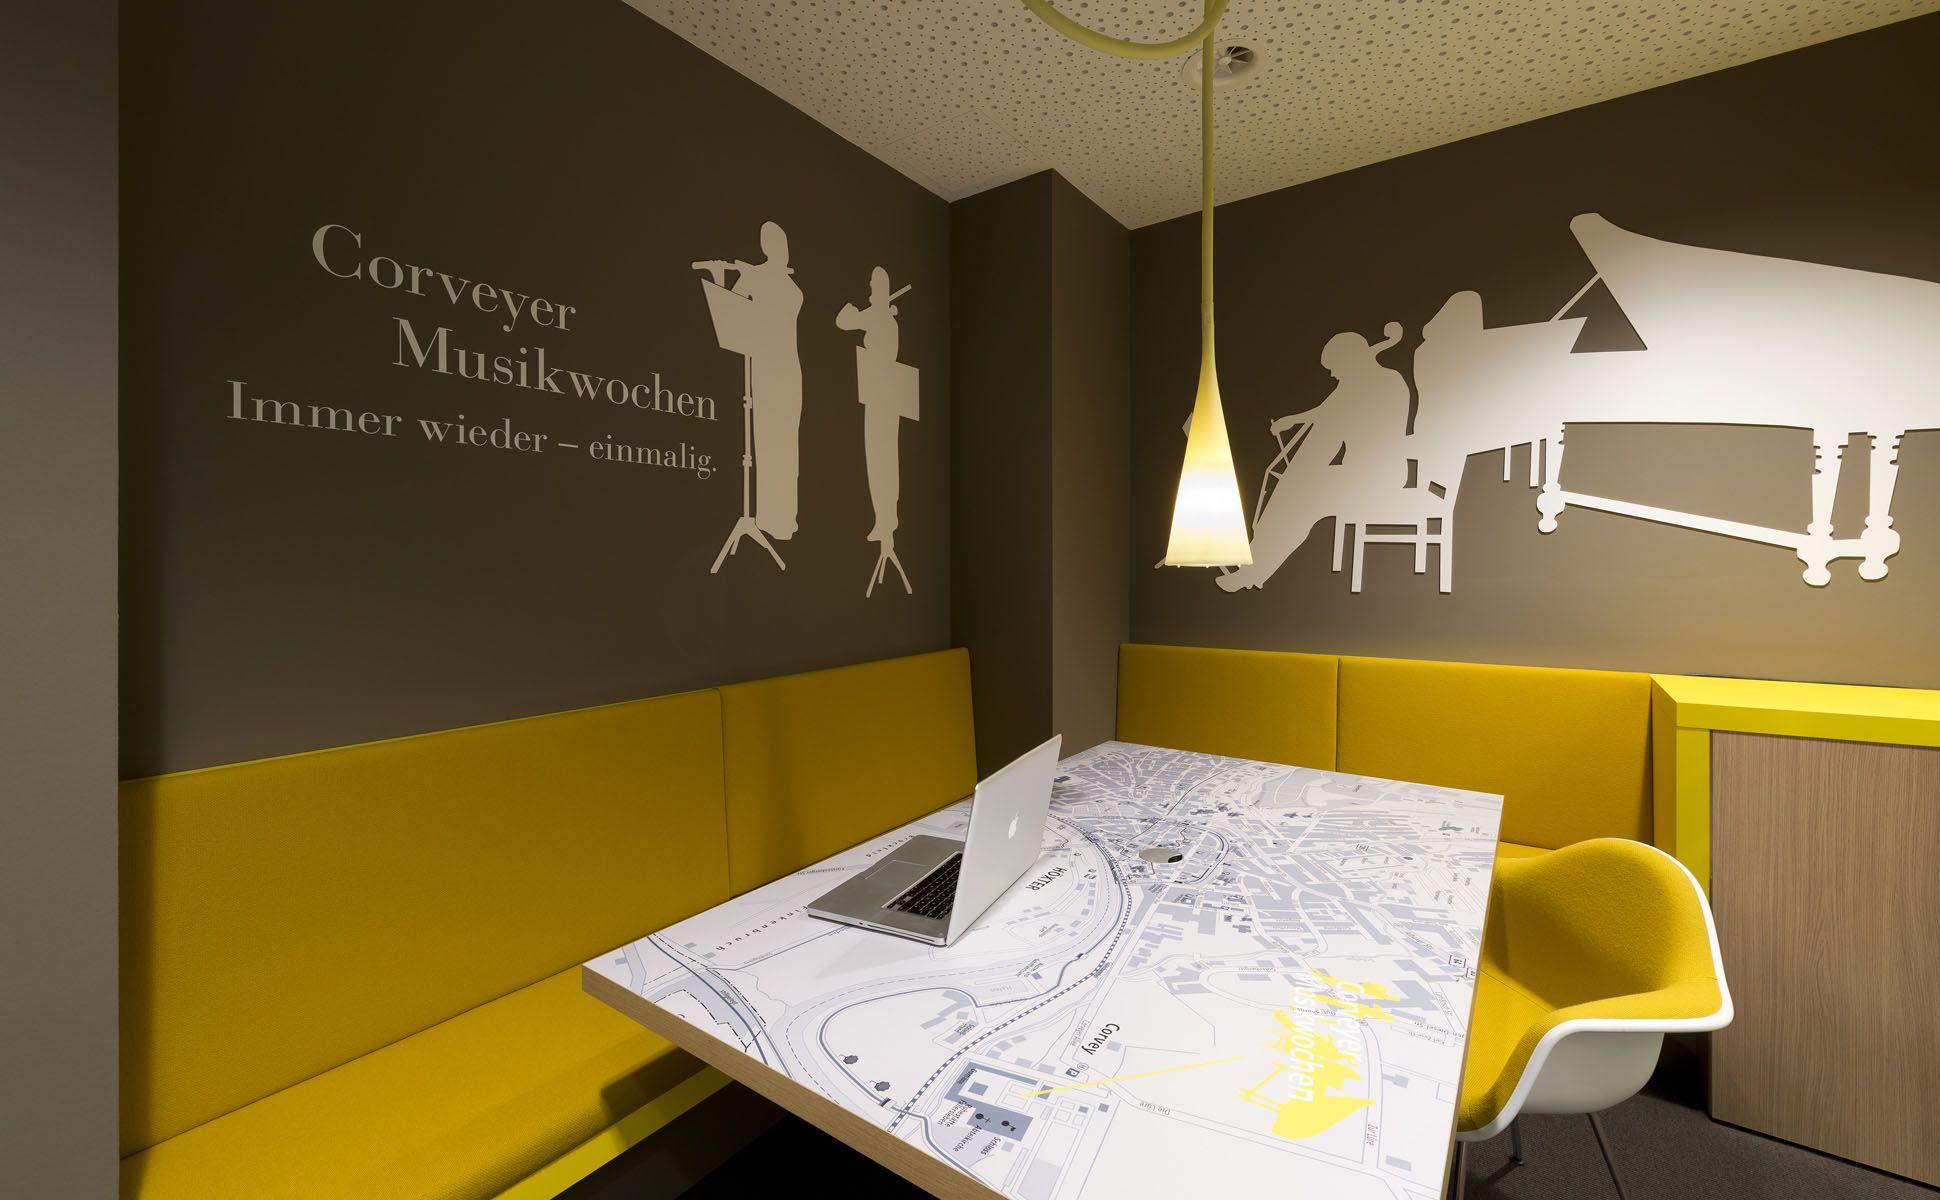 bkp - Innenarchitekt NRW: Bürodesign Mehr | Стоматологии | Pinterest ...